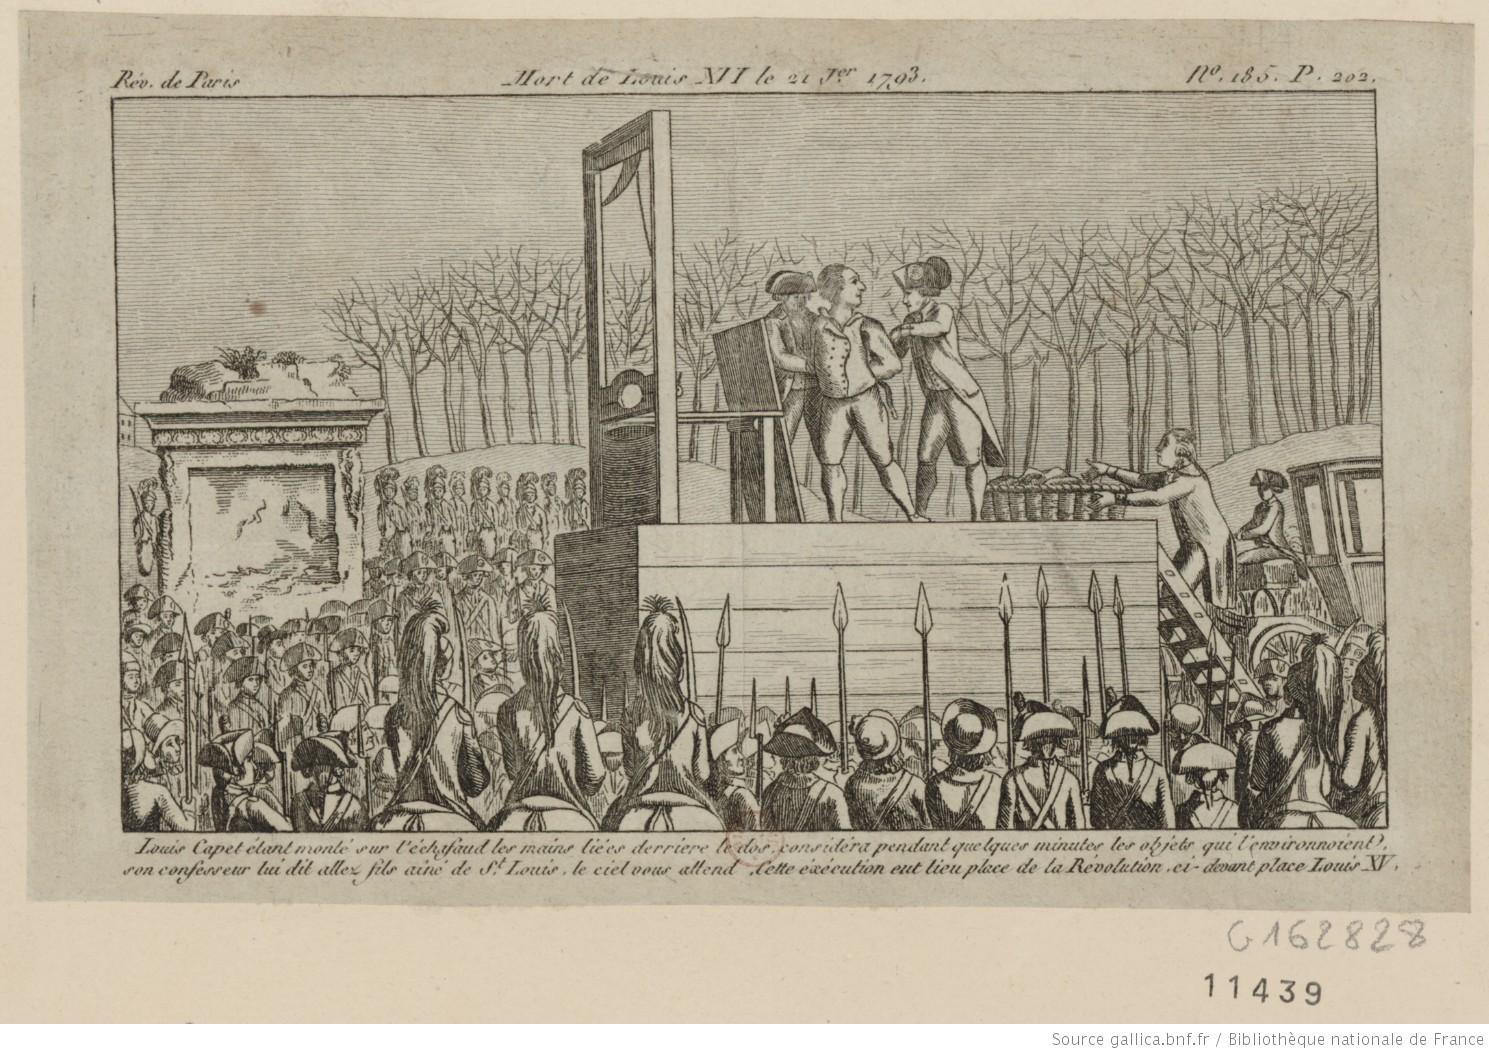 21 janvier 1793 : le roi Louis XVI est guillotiné